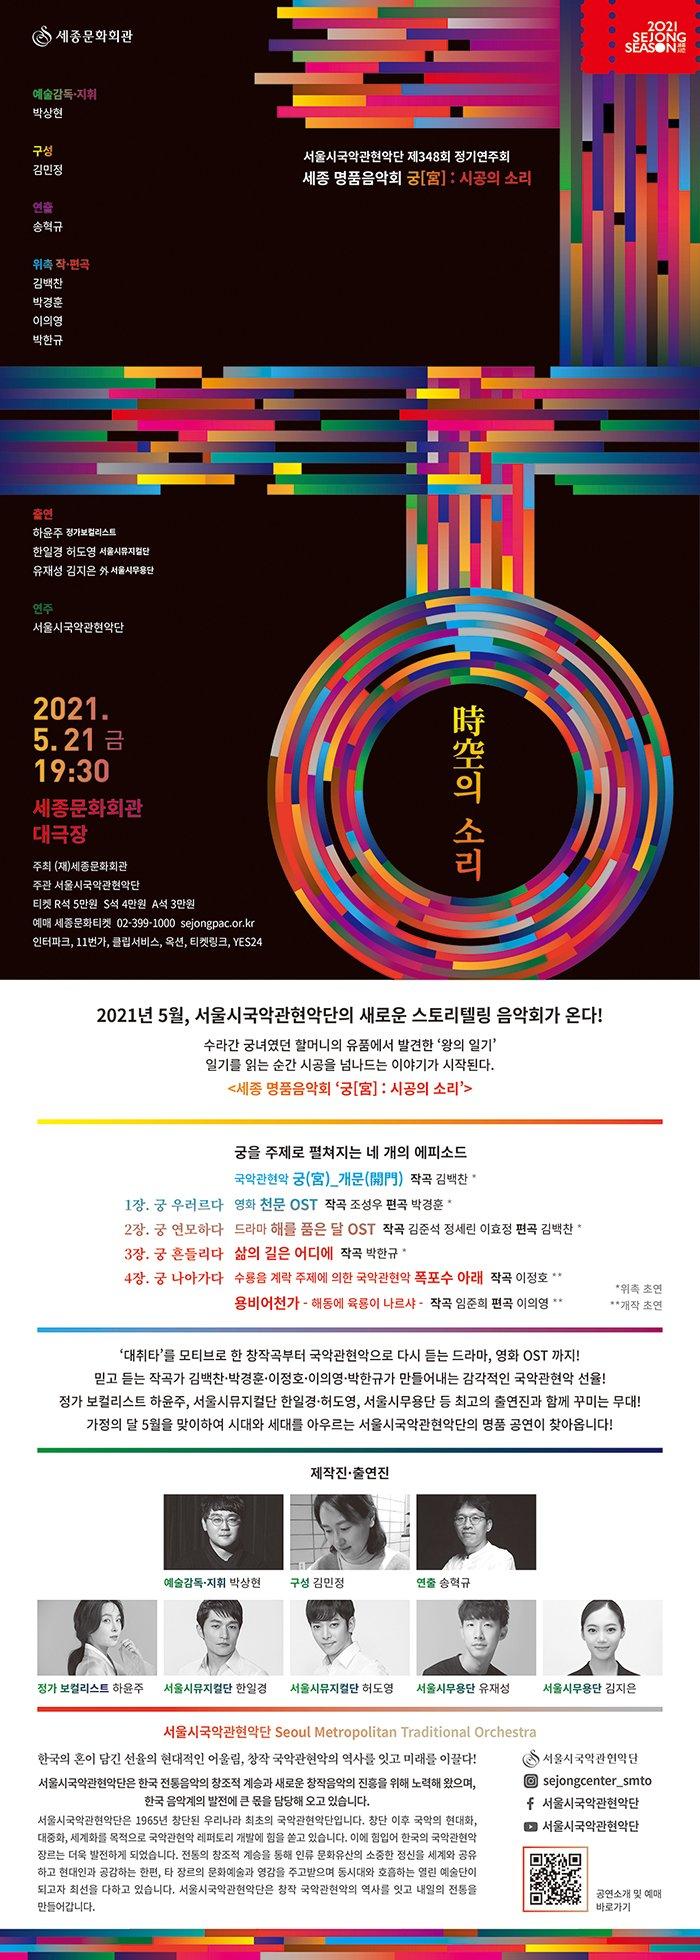 [세종 명품음악회 '궁[宮] : 시공의 소리'_리플렛 구성안]()2021년 5월, 서울시국악관현악단의 새로운 스토리텔링 음악회가 온다!수라간 궁녀였던 할머니의 유품에서 발견한 '왕의 일기'일기를 읽는 순간 시공을 넘나드는 이야기가 시작된다.<세종 명품음악회 '궁[宮] : 시공의 소리'>  궁을 주제로 펼쳐지는 네 개의 에피소드1장. 궁 우러르다2장. 궁 연모하다3장. 궁 흔들리다4장. 궁 나아가다  국악관현악 궁(宮)_개문(開門)  작곡 김백찬 *영화 천문 OST  작곡 조성우  편곡 박경훈 *드라마 해를 품은 달 OST  작곡 김준석, 정세린, 이효정  편곡 김백찬 *삶의 길은 어디에  작곡 박한규 *수룡음 계락 주제에 의한 국악관현악 폭포수 아래  작곡 이정호 **용비어천가 – 해동에 육룡이 나르샤 - 작곡 임준희  편곡 이의영 **                                                                                         *위촉 초연 **개작 초연- '대취타'를 모티브로 한 창작곡부터 국악관현악으로 다시 듣는 드라마, 영화 OST 까지!- 믿고 듣는 작곡가 김백찬·박경훈·이정호·이의영·박한규가 만들어내는 감각적인 국악관현악 선율! - 정가 보컬리스트 하윤주, 서울시뮤지컬단 한일경·허도영, 서울시무용단 등 최고의 출연진과 함께 꾸미는 무대! - 가정의 달 5월을 맞이하여 시대와 세대를 아우르는 서울시국악관현악단의 명품 공연이 찾아옵니다!--- 제작진·출연진 서울시국악관현악단 Seoul Metropolitan Traditional Orchestra한국의 혼이 담긴 선율의 현대적인 어울림, 창작 국악관현악의 역사를 잇고 미래를 이끌다!서울시국악관현악단은 한국 전통음악의 창조적 계승과 새로운 창작음악의 진흥을 위해 노력해 왔으며, 한국 음악계의 발전에 큰 몫을 담당해 오고 있습니다.서울시국악관현악단은 1965년 창단된 우리나라 최초의 국악관현악단입니다. 창단 이후 국악의 현대화, 대중화, 세계화를 목적으로 국악관현악 레퍼토리 개발에 힘을 쏟고 있습니다. 이에 힘입어 한국의 국악관현악 장르는 더욱 발전하게 되었습니다. 전통의 창조적 계승을 통해 인류 문화유산의 소중한 정신을 세계와 공유하고 현대인과 공감하는 한편, 타 장르의 문화예술과 영감을 주고받으며 동시대와 호흡하는 열린 예술단이 되고자 최선을 다하고 있습니다. 서울시국악관현악단은 창작 국악관현악의 역사를 잇고 내일의 전통을 만들어갑니다.